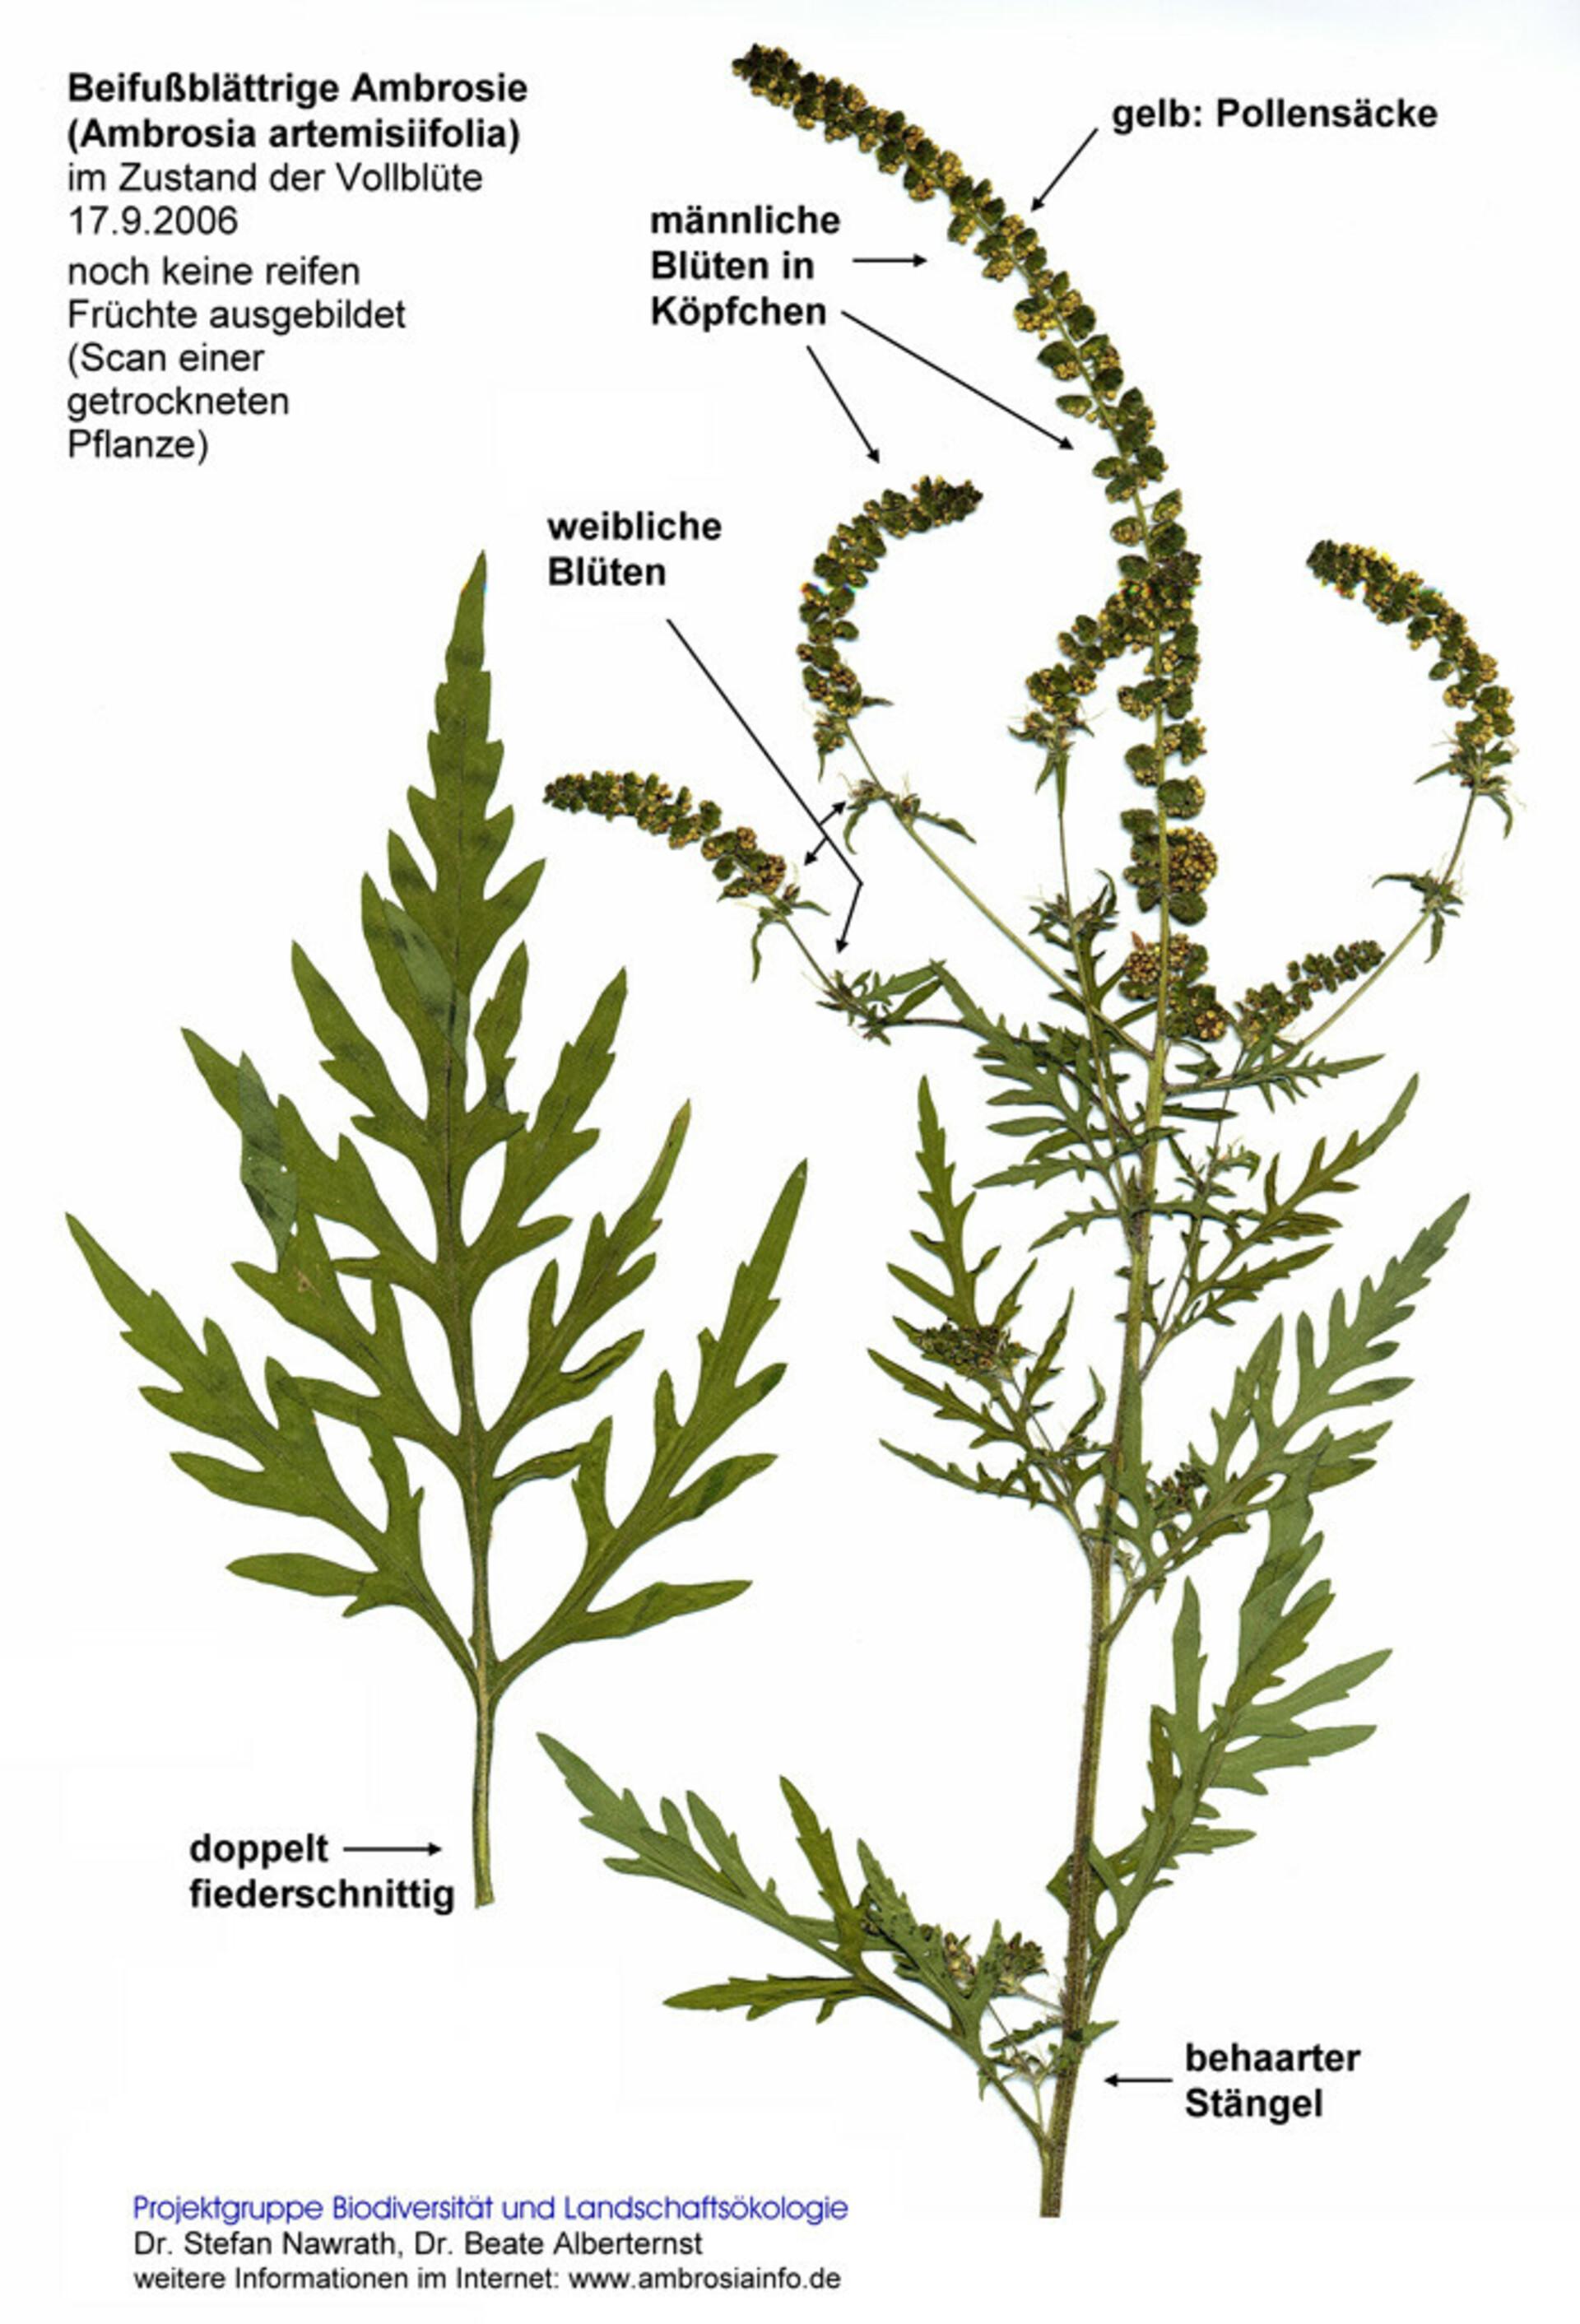 Ragweed/Beifußblättriges Traubenkraut